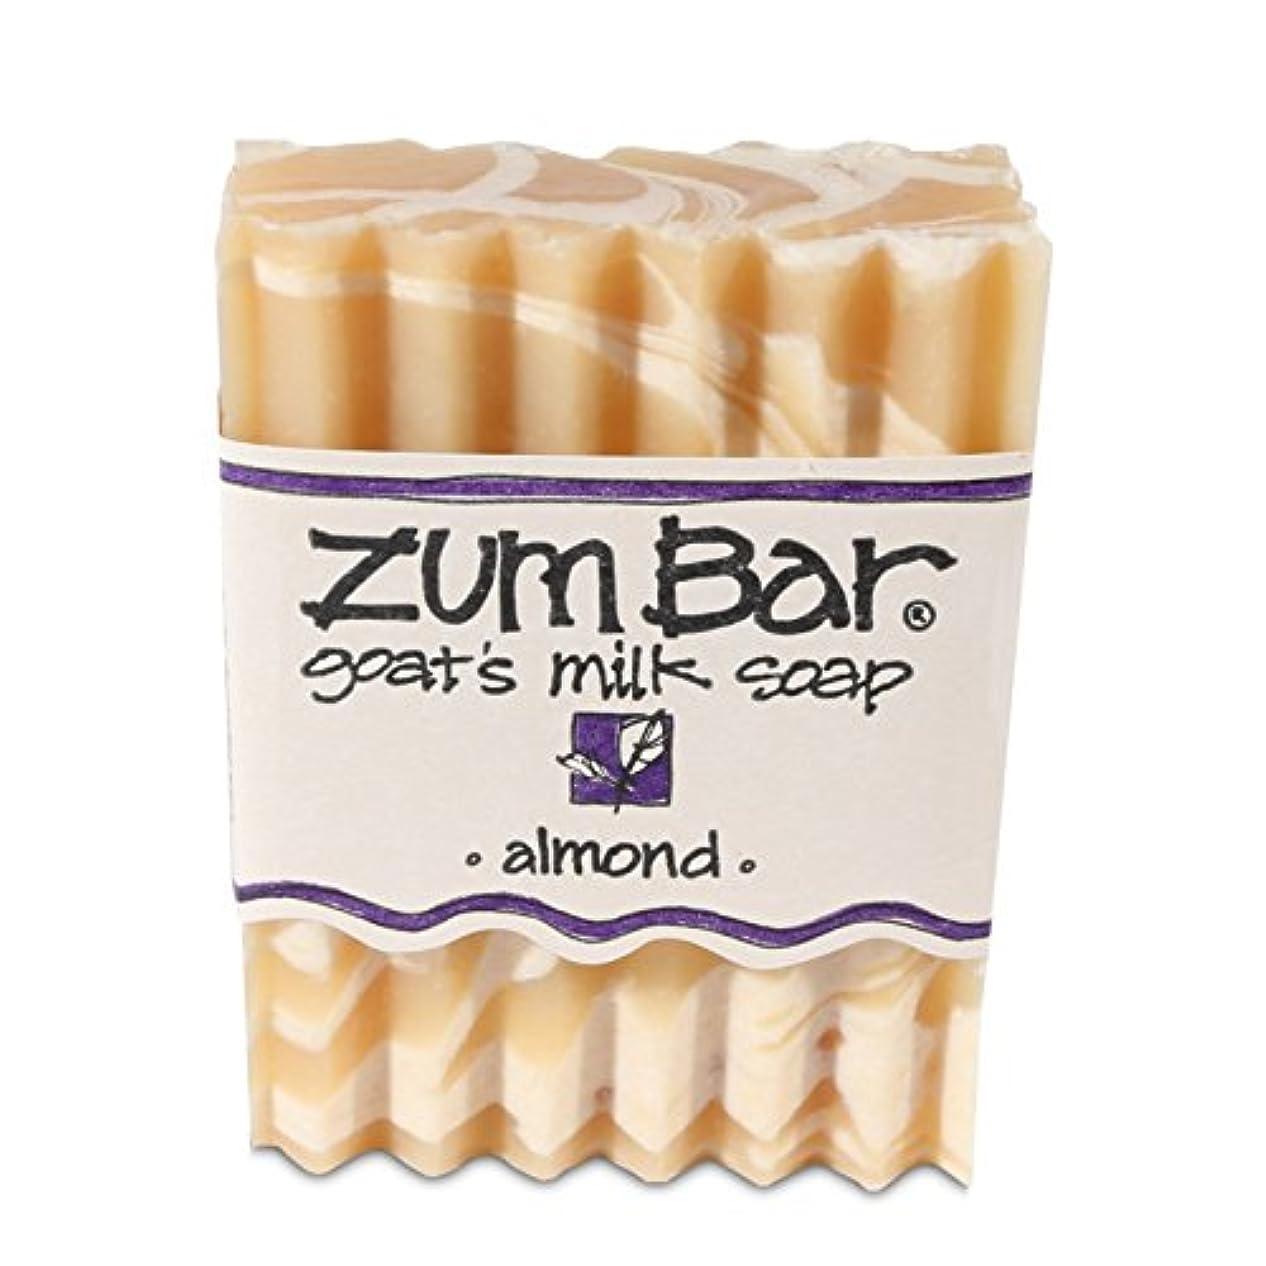 気分が良いジョージハンブリーケープ海外直送品 Indigo Wild, Zum Bar, Goat's ミルク ソープ アーモンド , 3 Ounces (2個セット) (Almond) [並行輸入品]